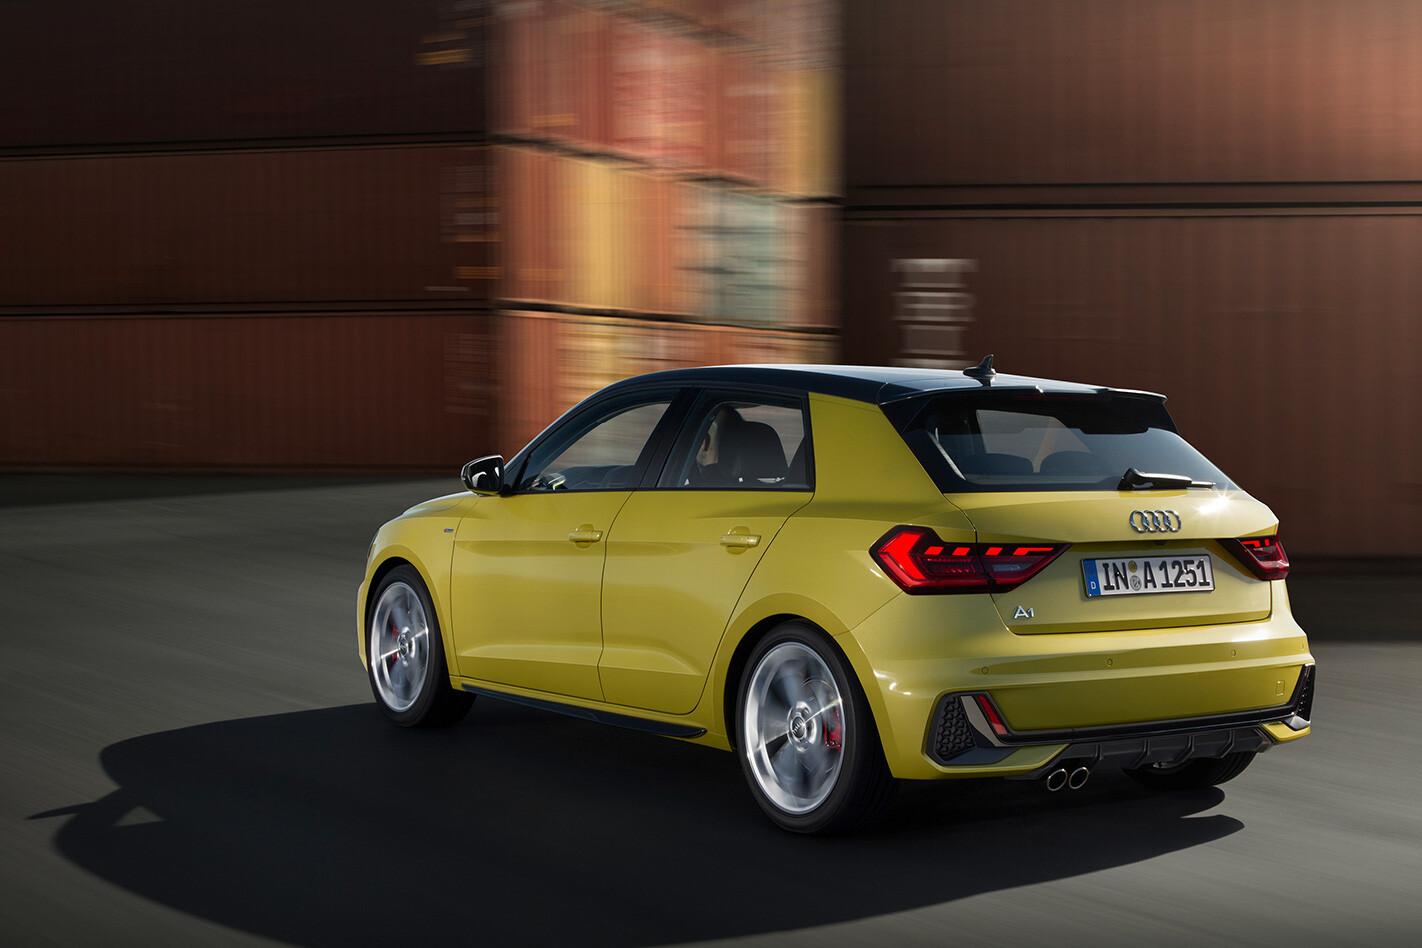 Audi A 1 Rearn Jpg